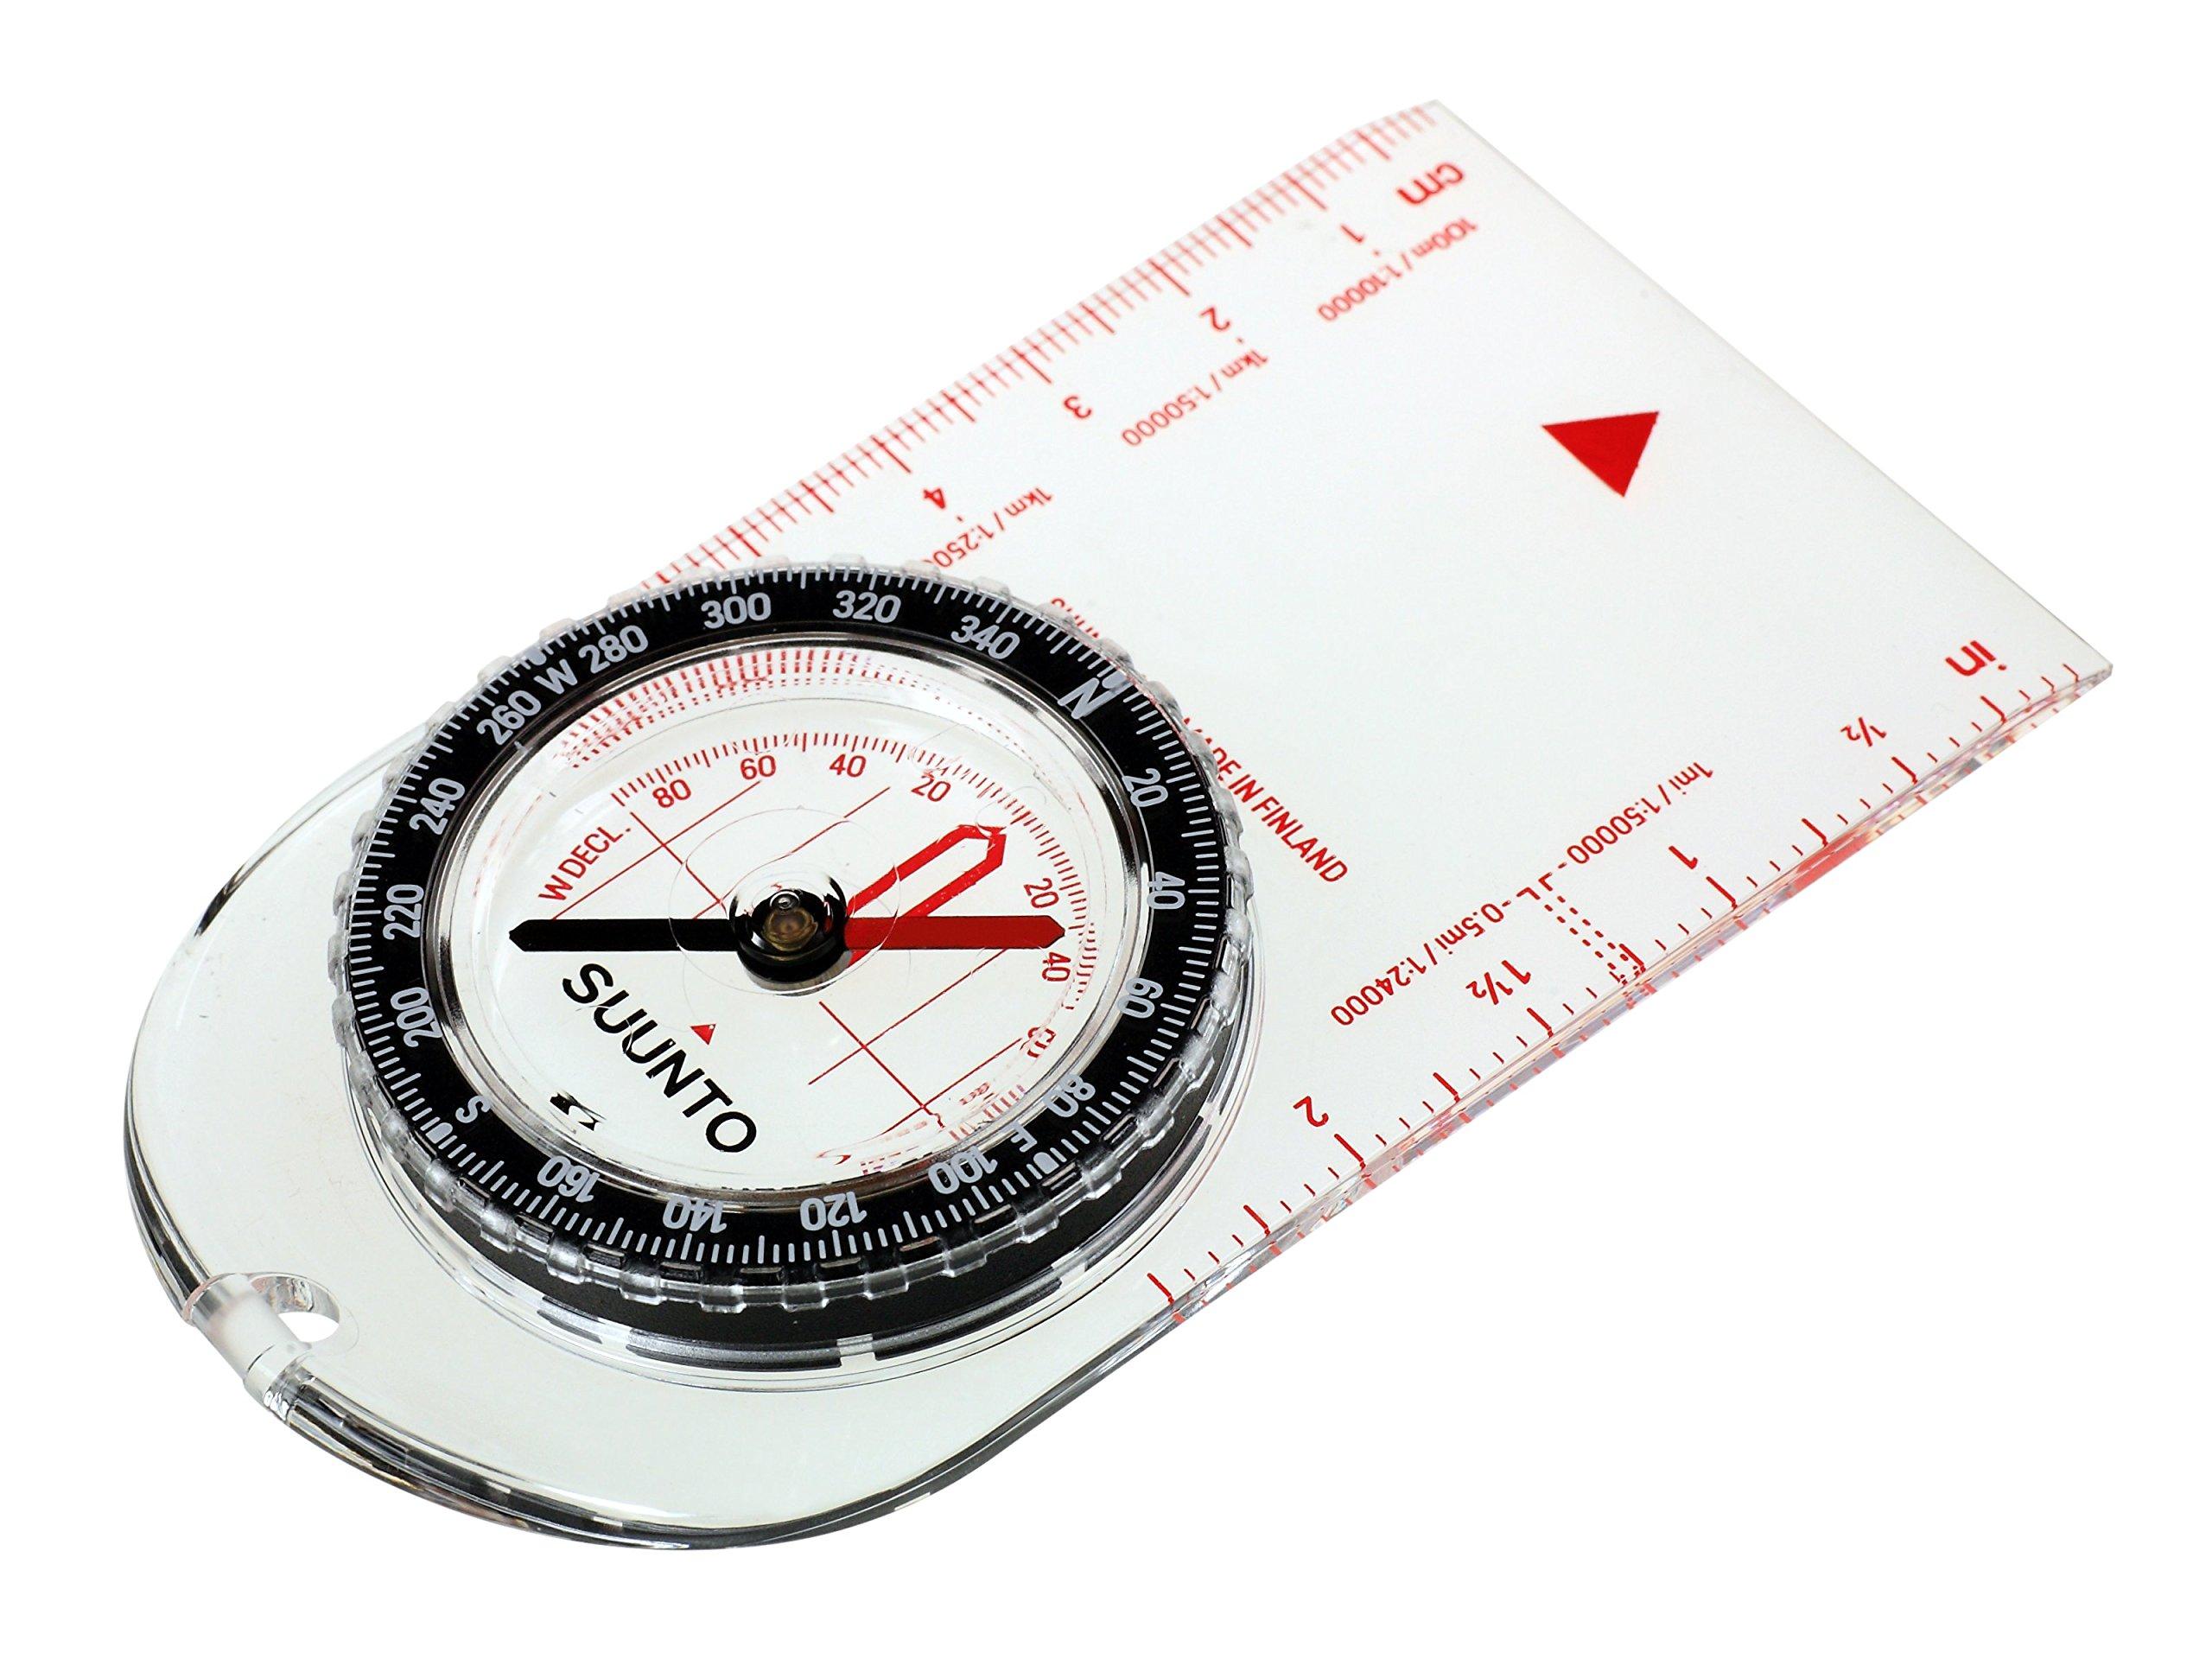 SUUNTO A-10 休闲战场指南针 均码 9001683